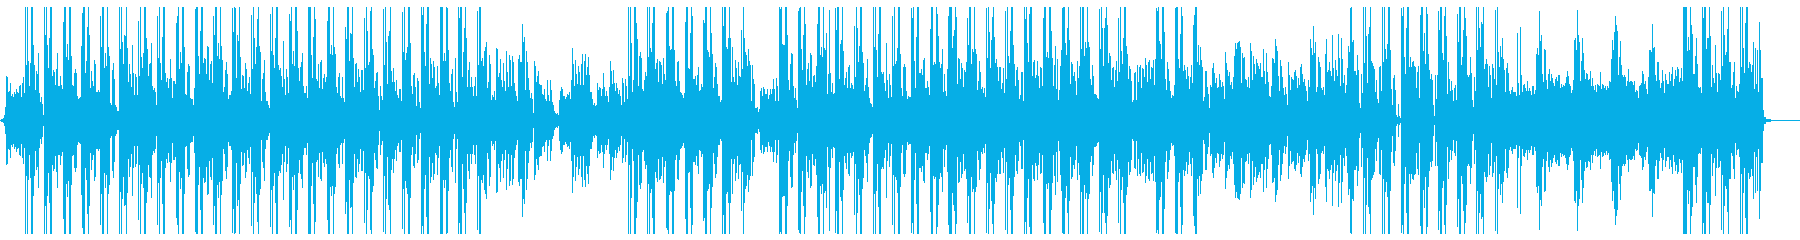 シンキングタイム_頭脳戦の再生済みの波形